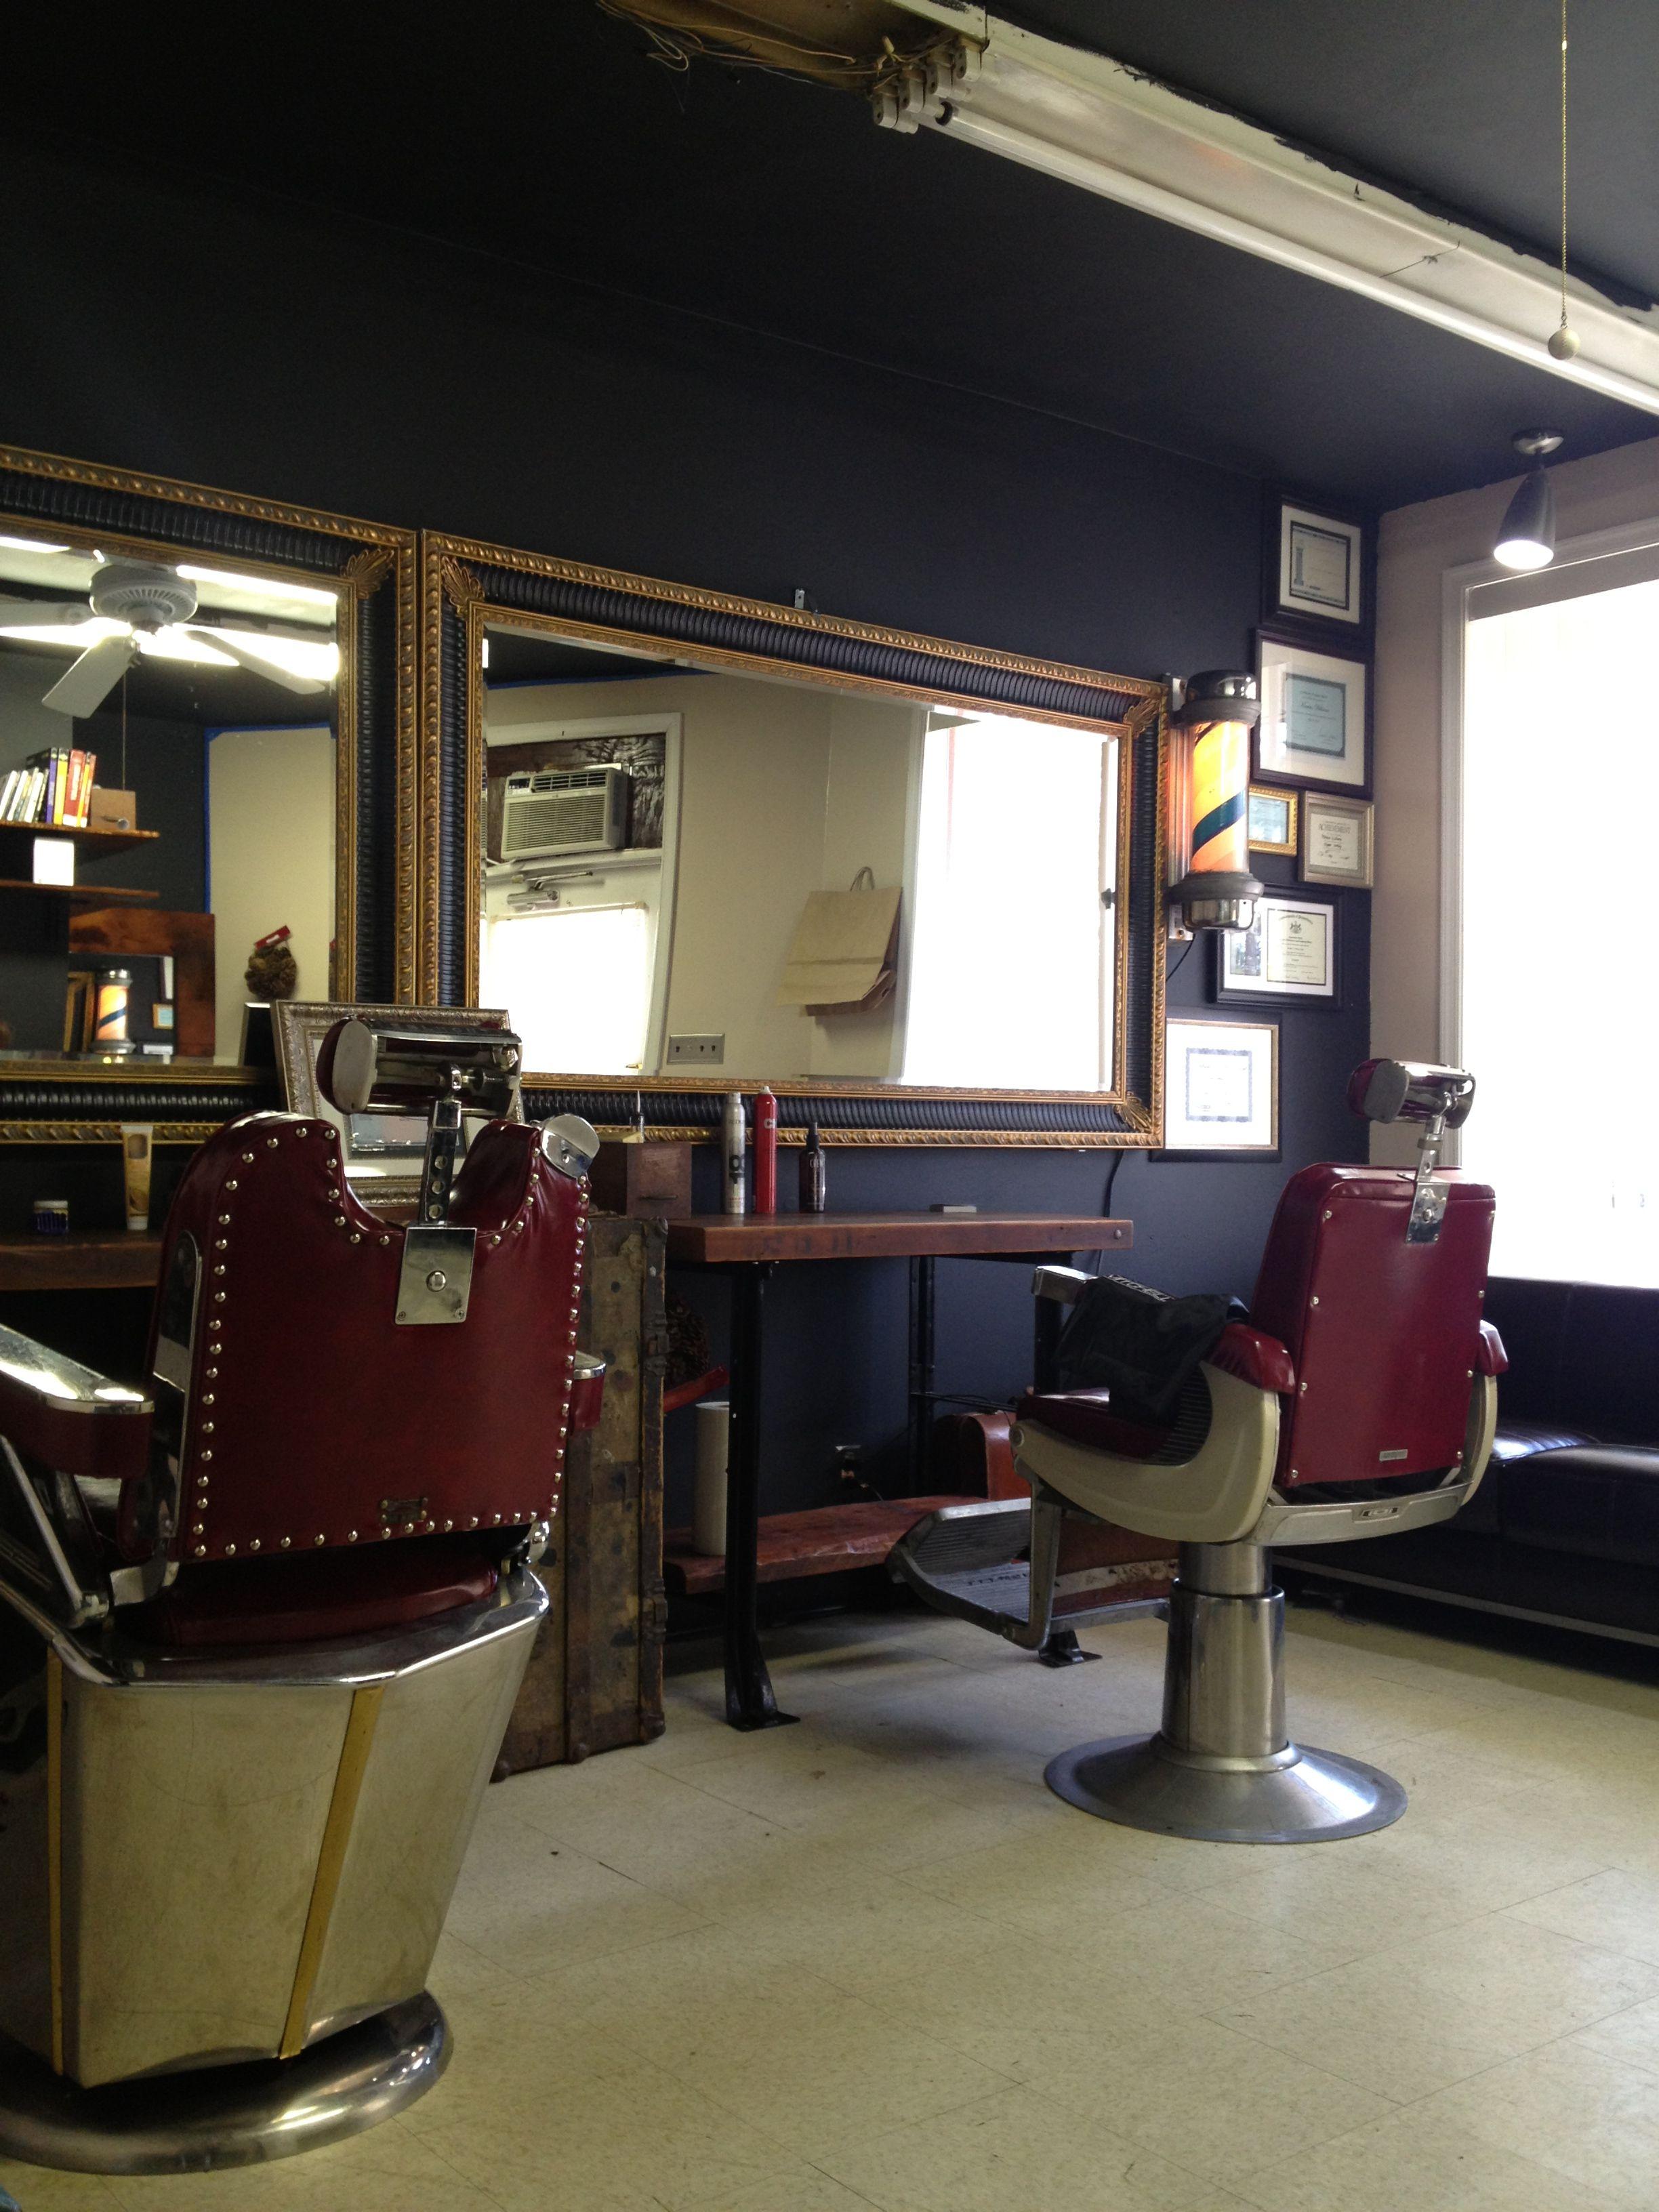 interior design ndsu - 1000+ images about Barber shop ideas on Pinterest Barber shop ...